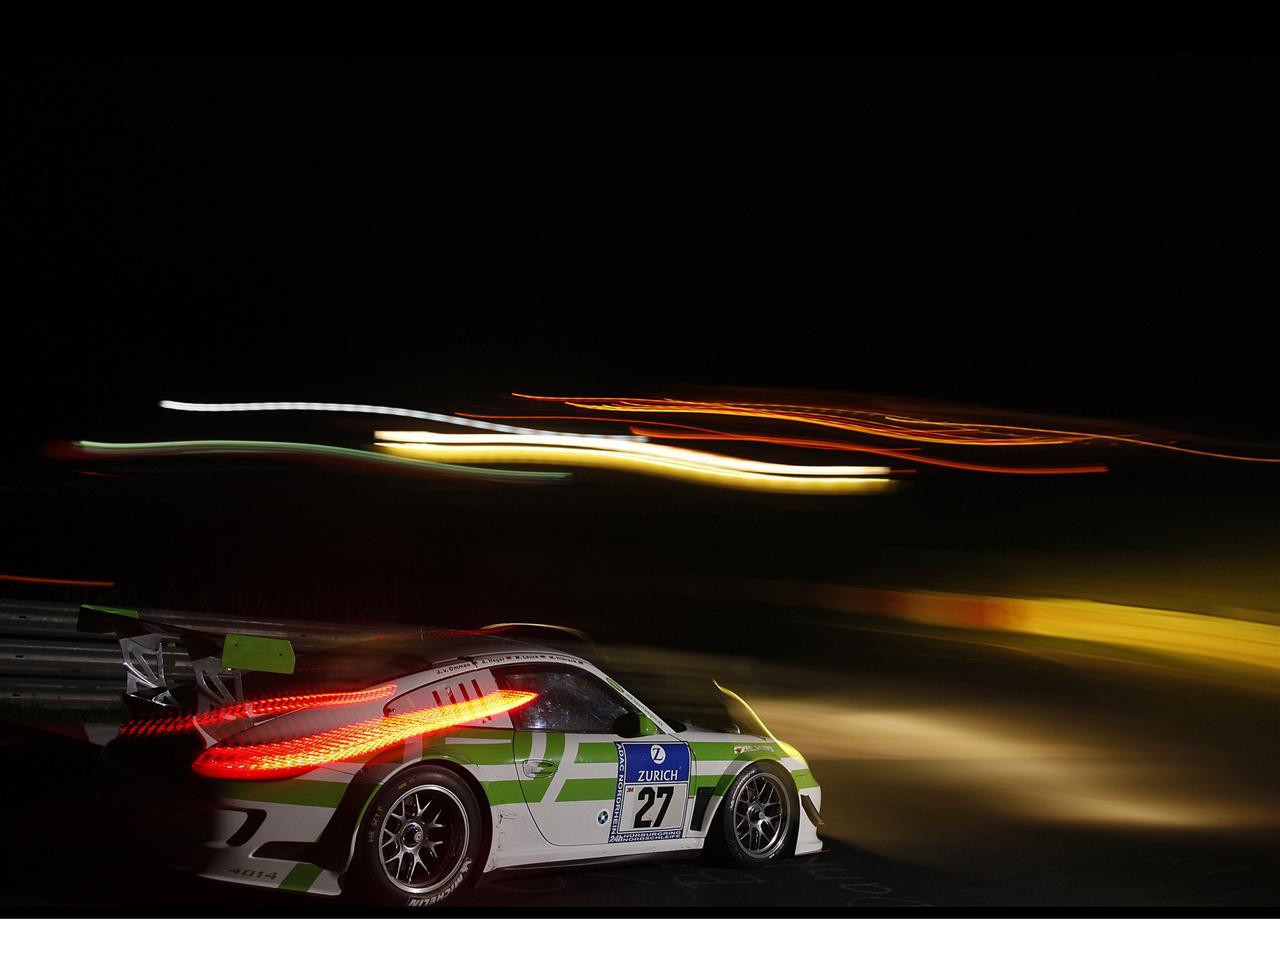 2011 Porsche 911 GT3 R Hybrid 2.0 Image